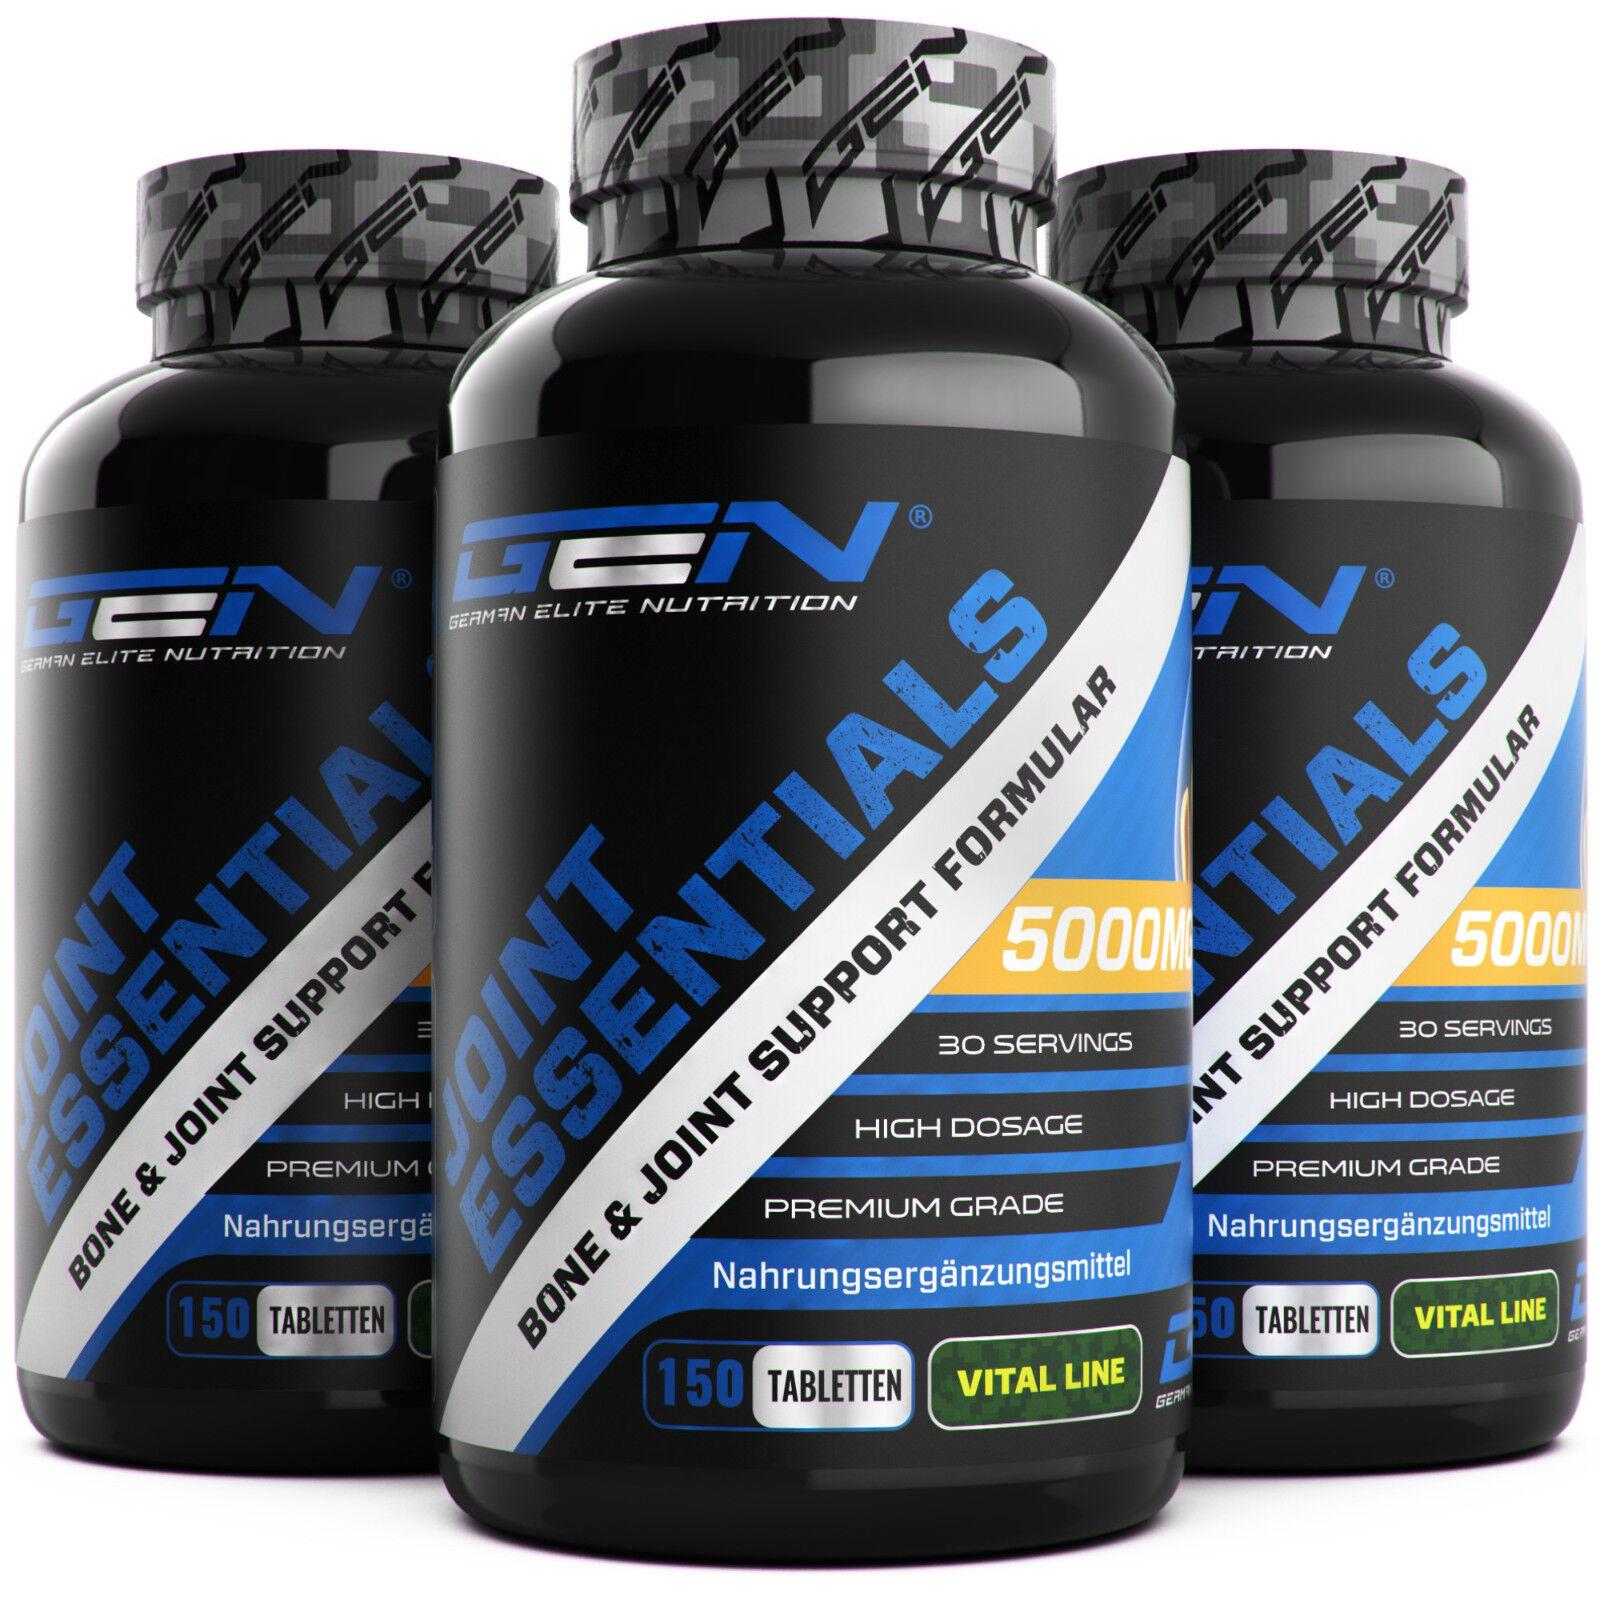 3x Joint Essentials = 450 Tabletten - Gelenk Komplex Glucosamin Chondroitin MSM